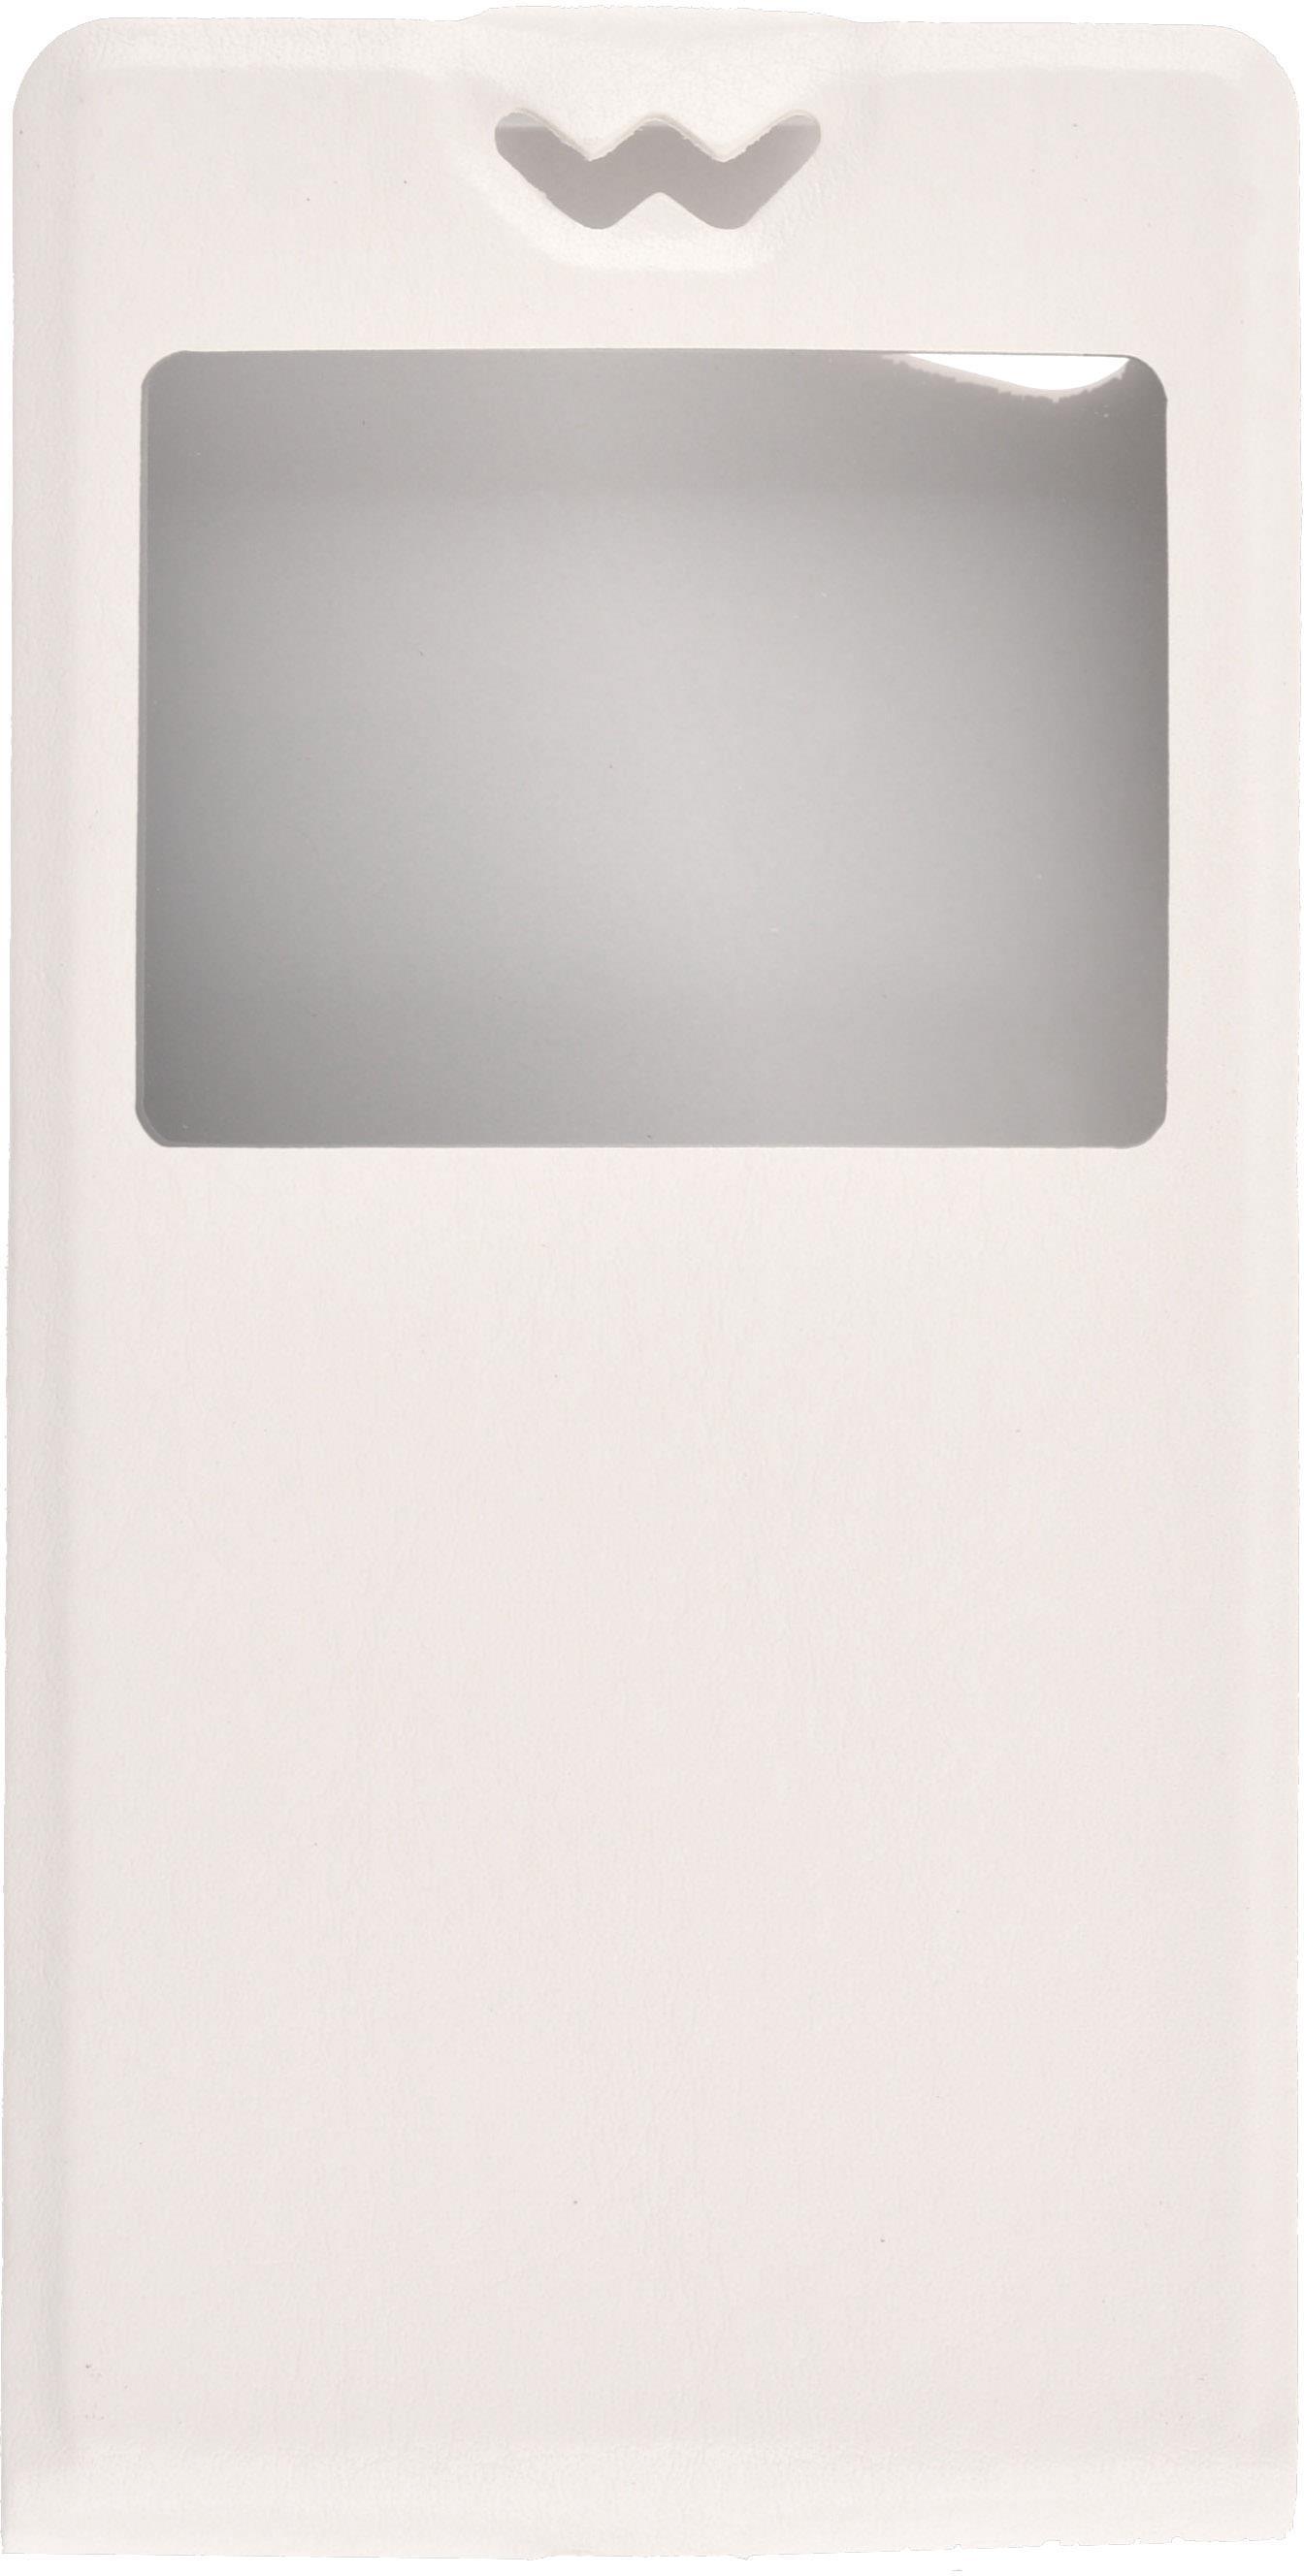 купить Чехол skinBOX для Sony Xperia Z5 Compact, 2000000083407, белый онлайн